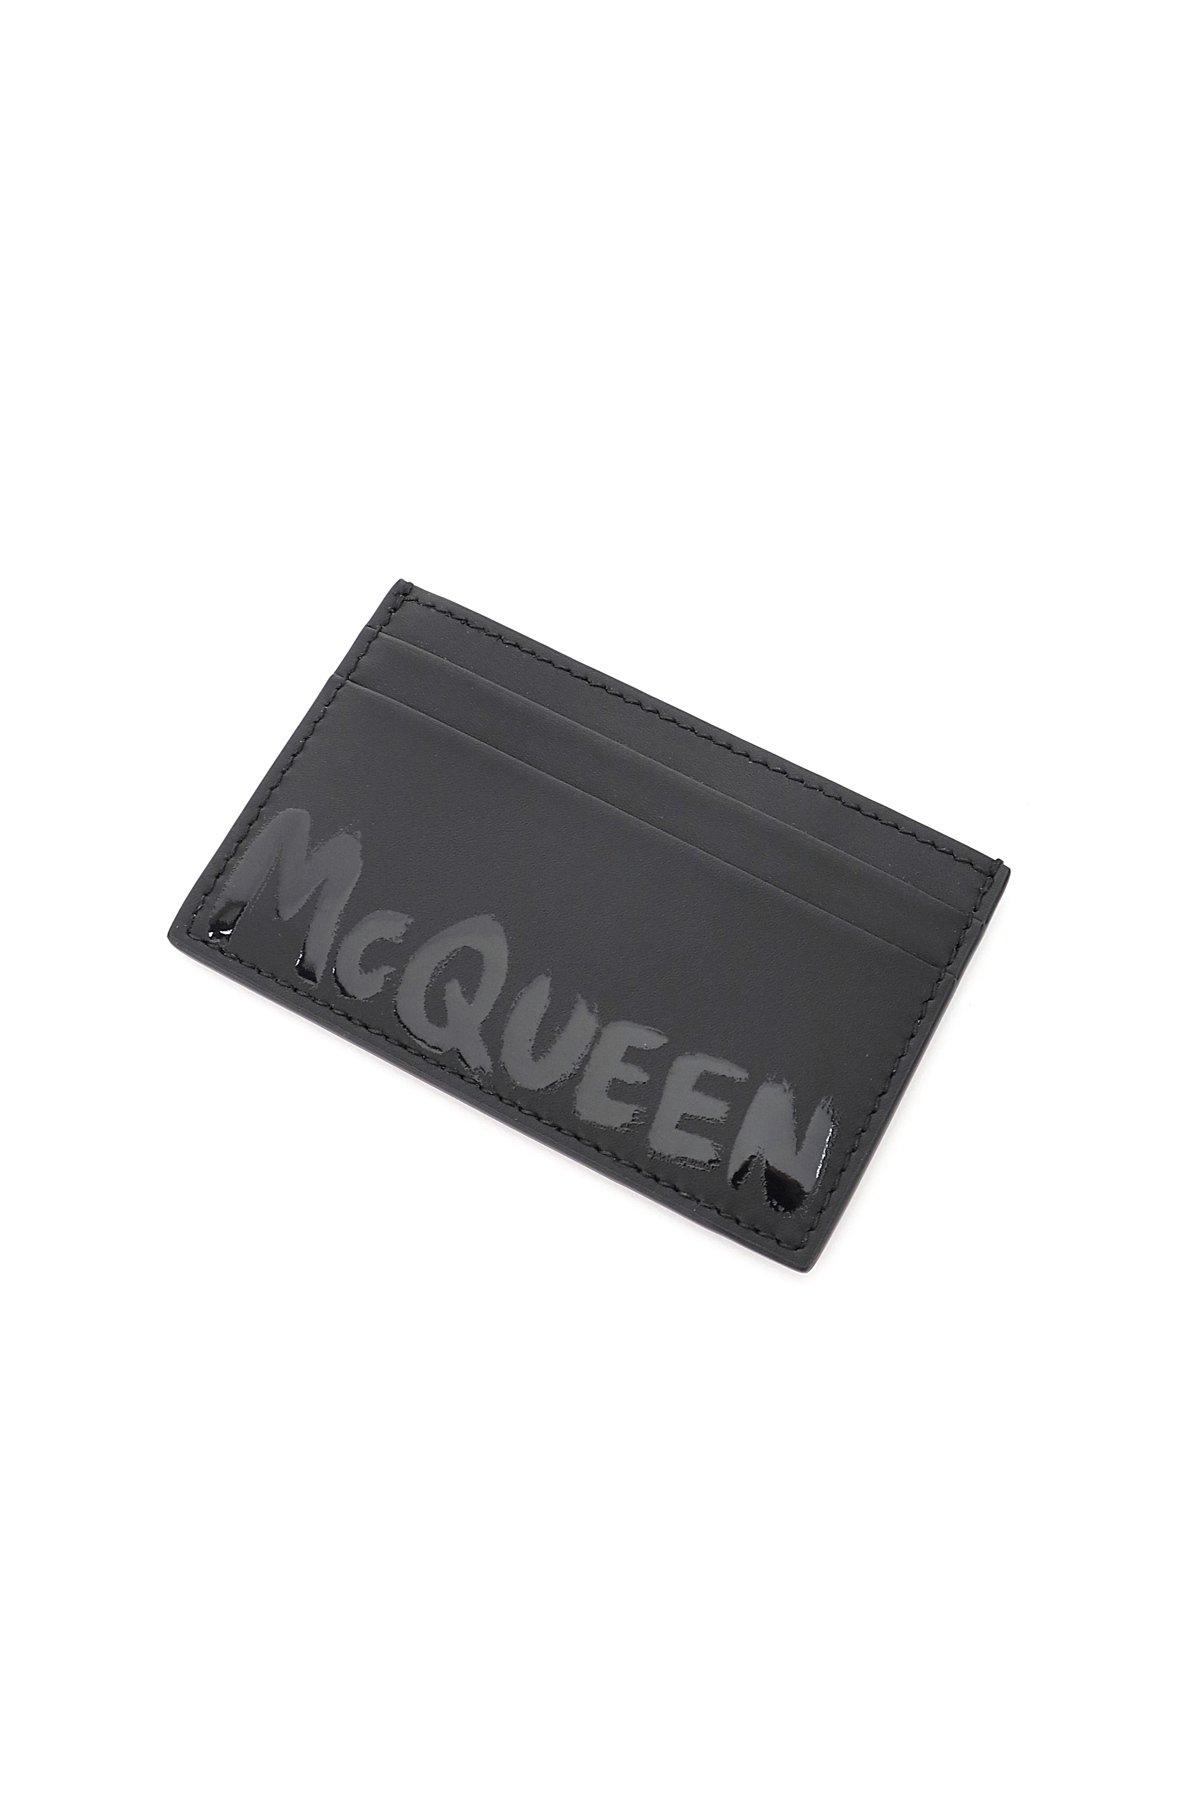 Alexander mcqueen porta carte di credito logo graffiti